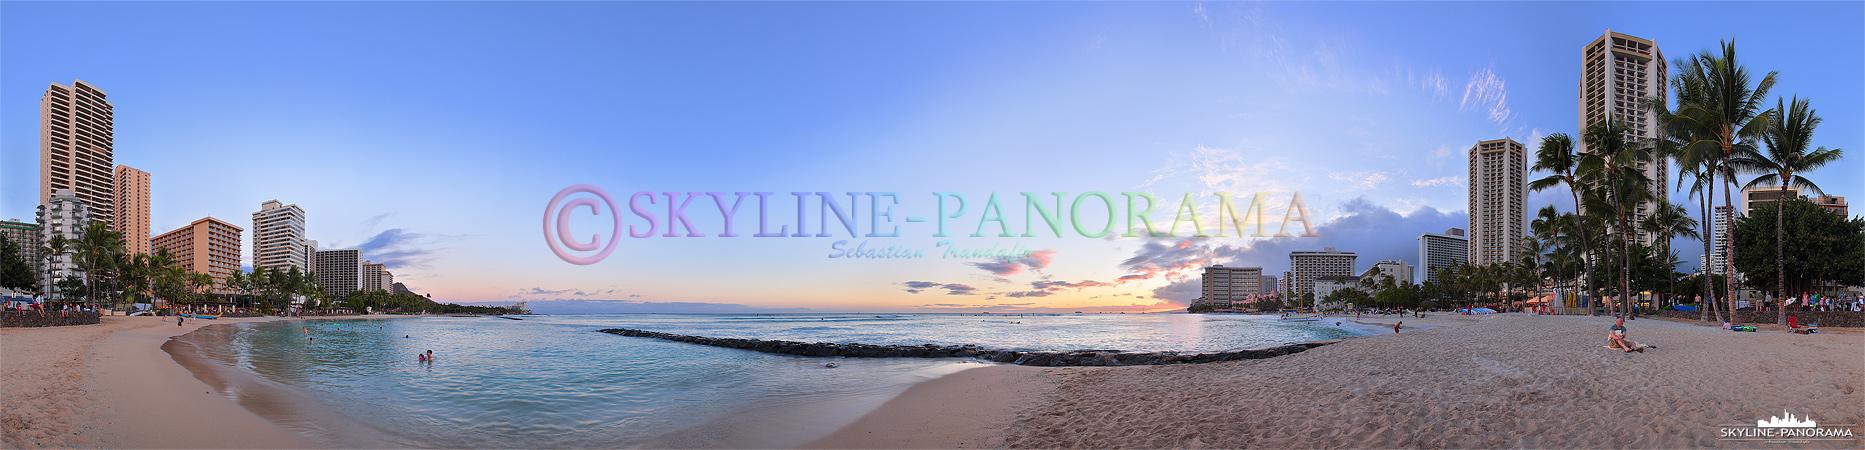 Sunset Bilder Hawaii - Dieses 360 Grad Panorama entstand zum Sonnenuntergang am berühmten Waikiki Beach auf O´ahu, der Hauptinsel der im Pazifik gelegenen hawaiianischen Inselkette.